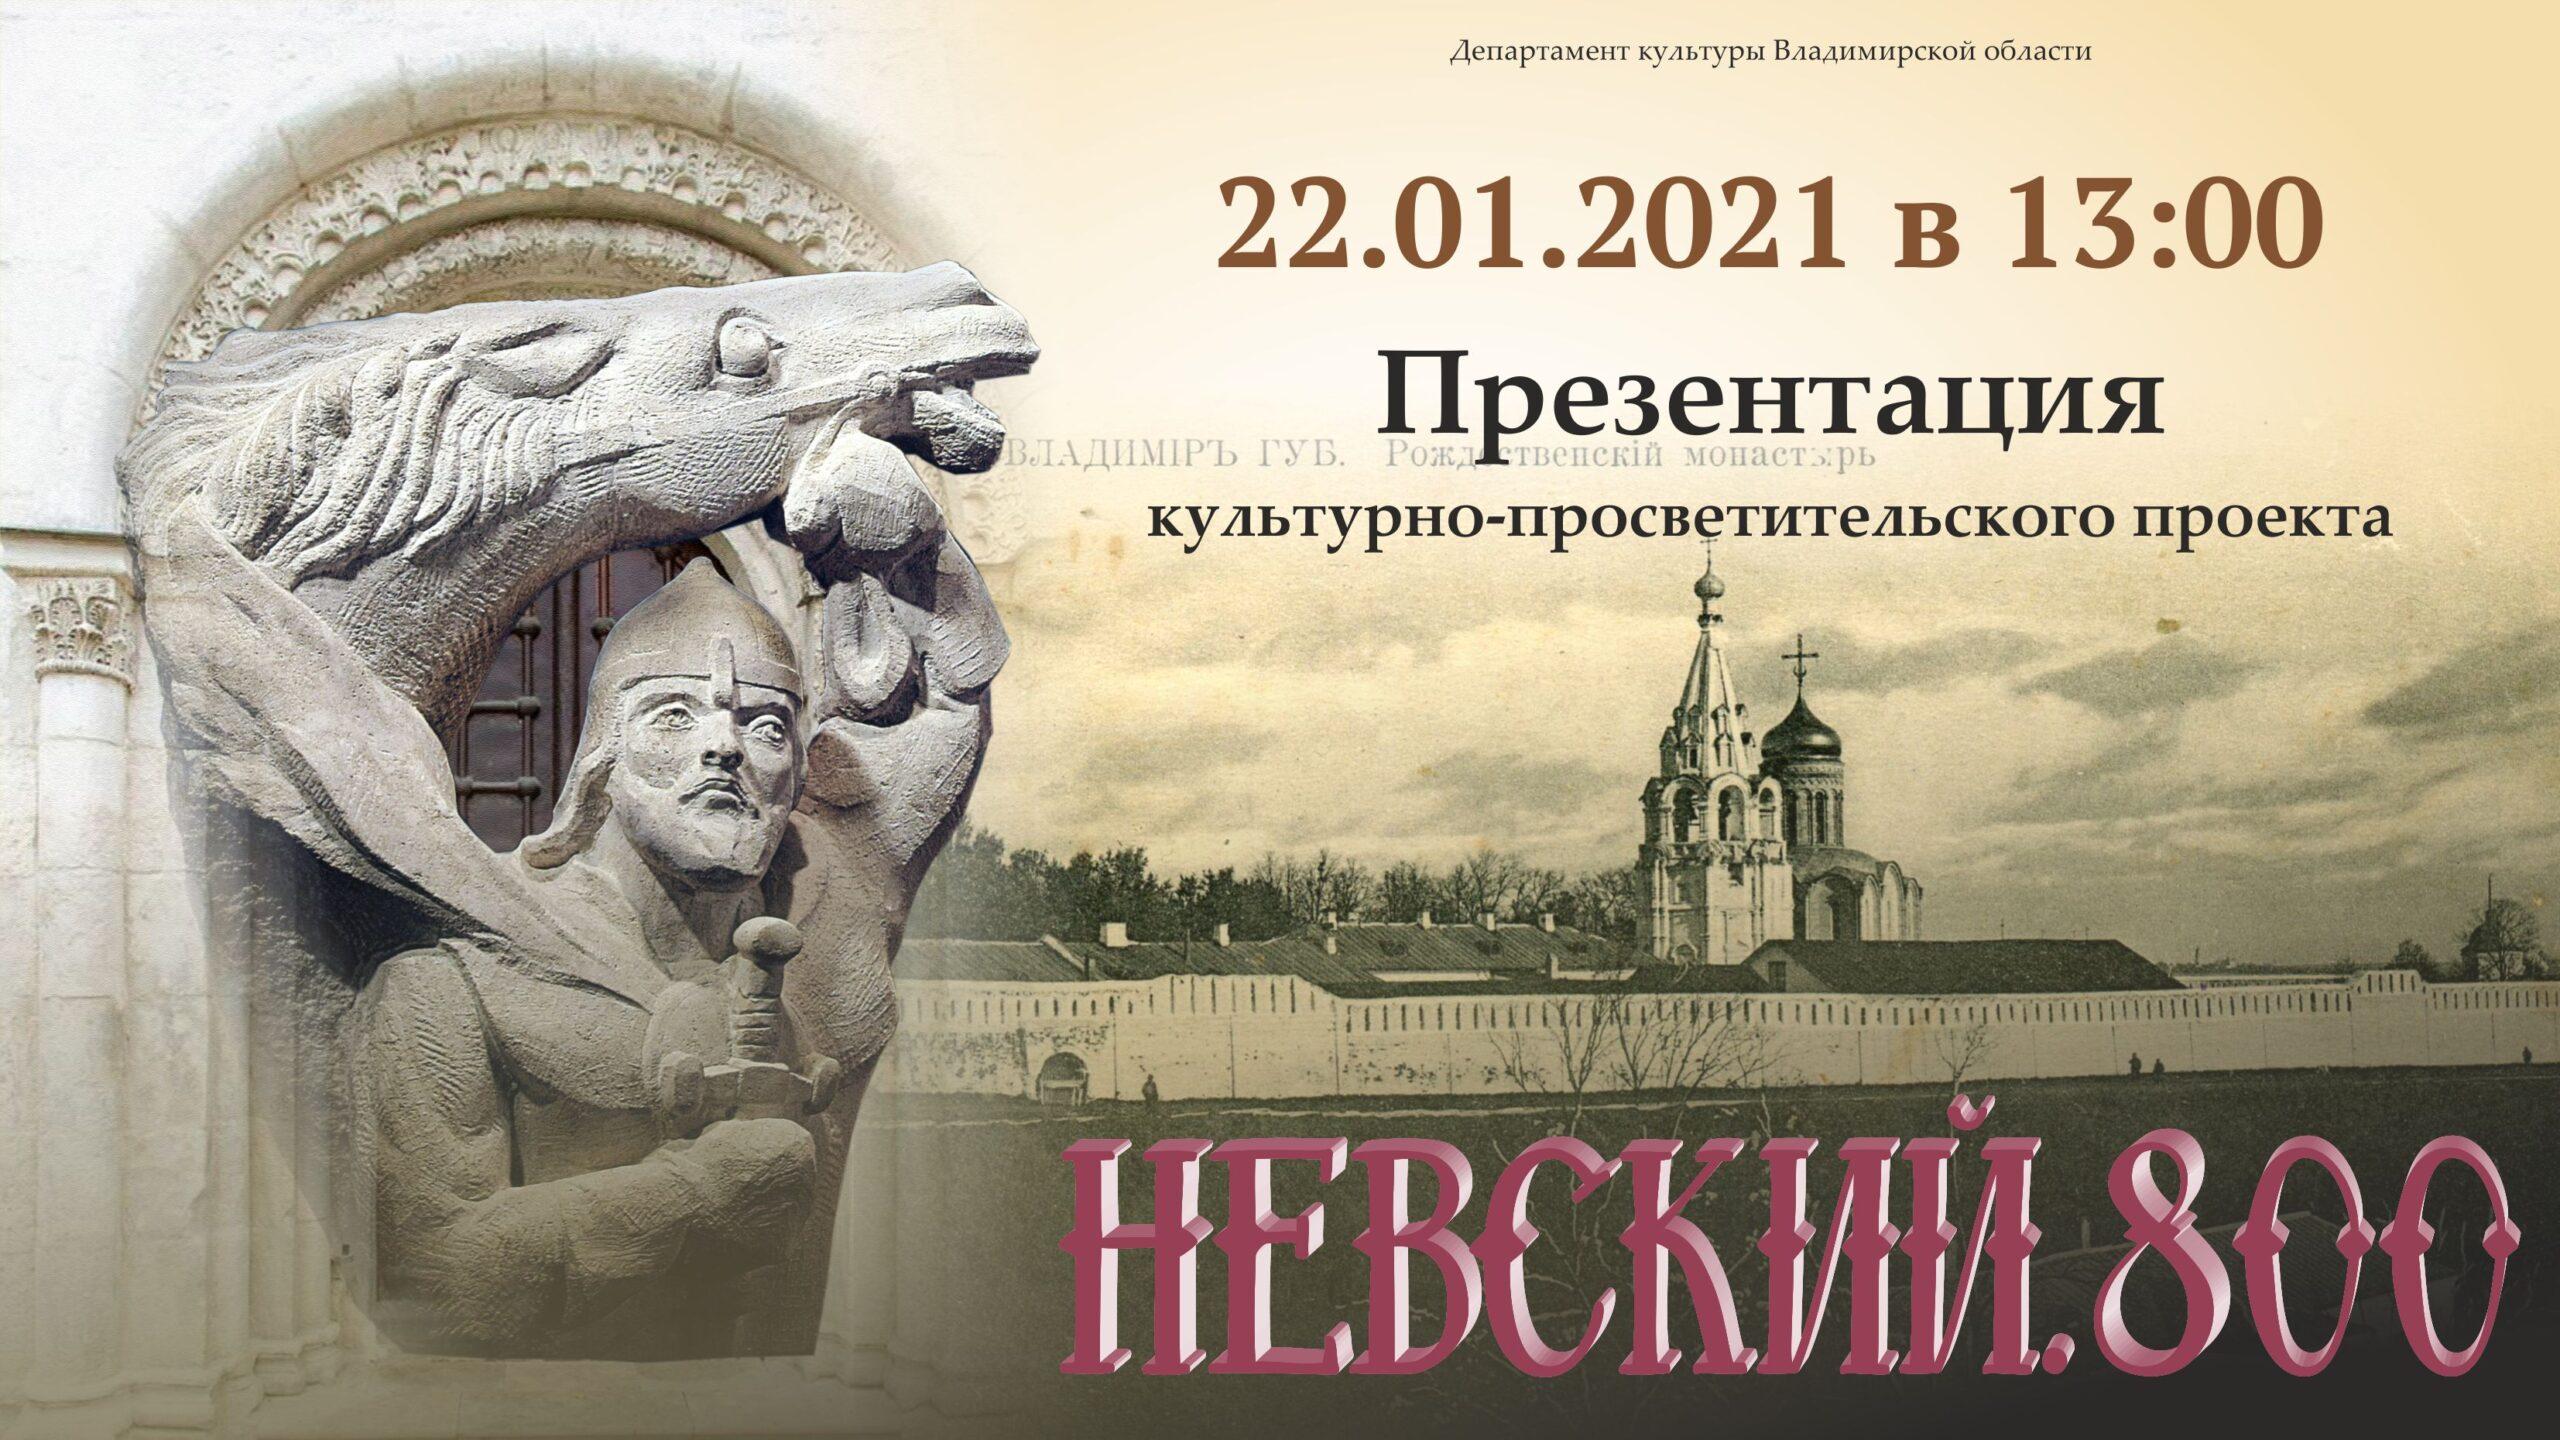 Презентация проекта Невский 800